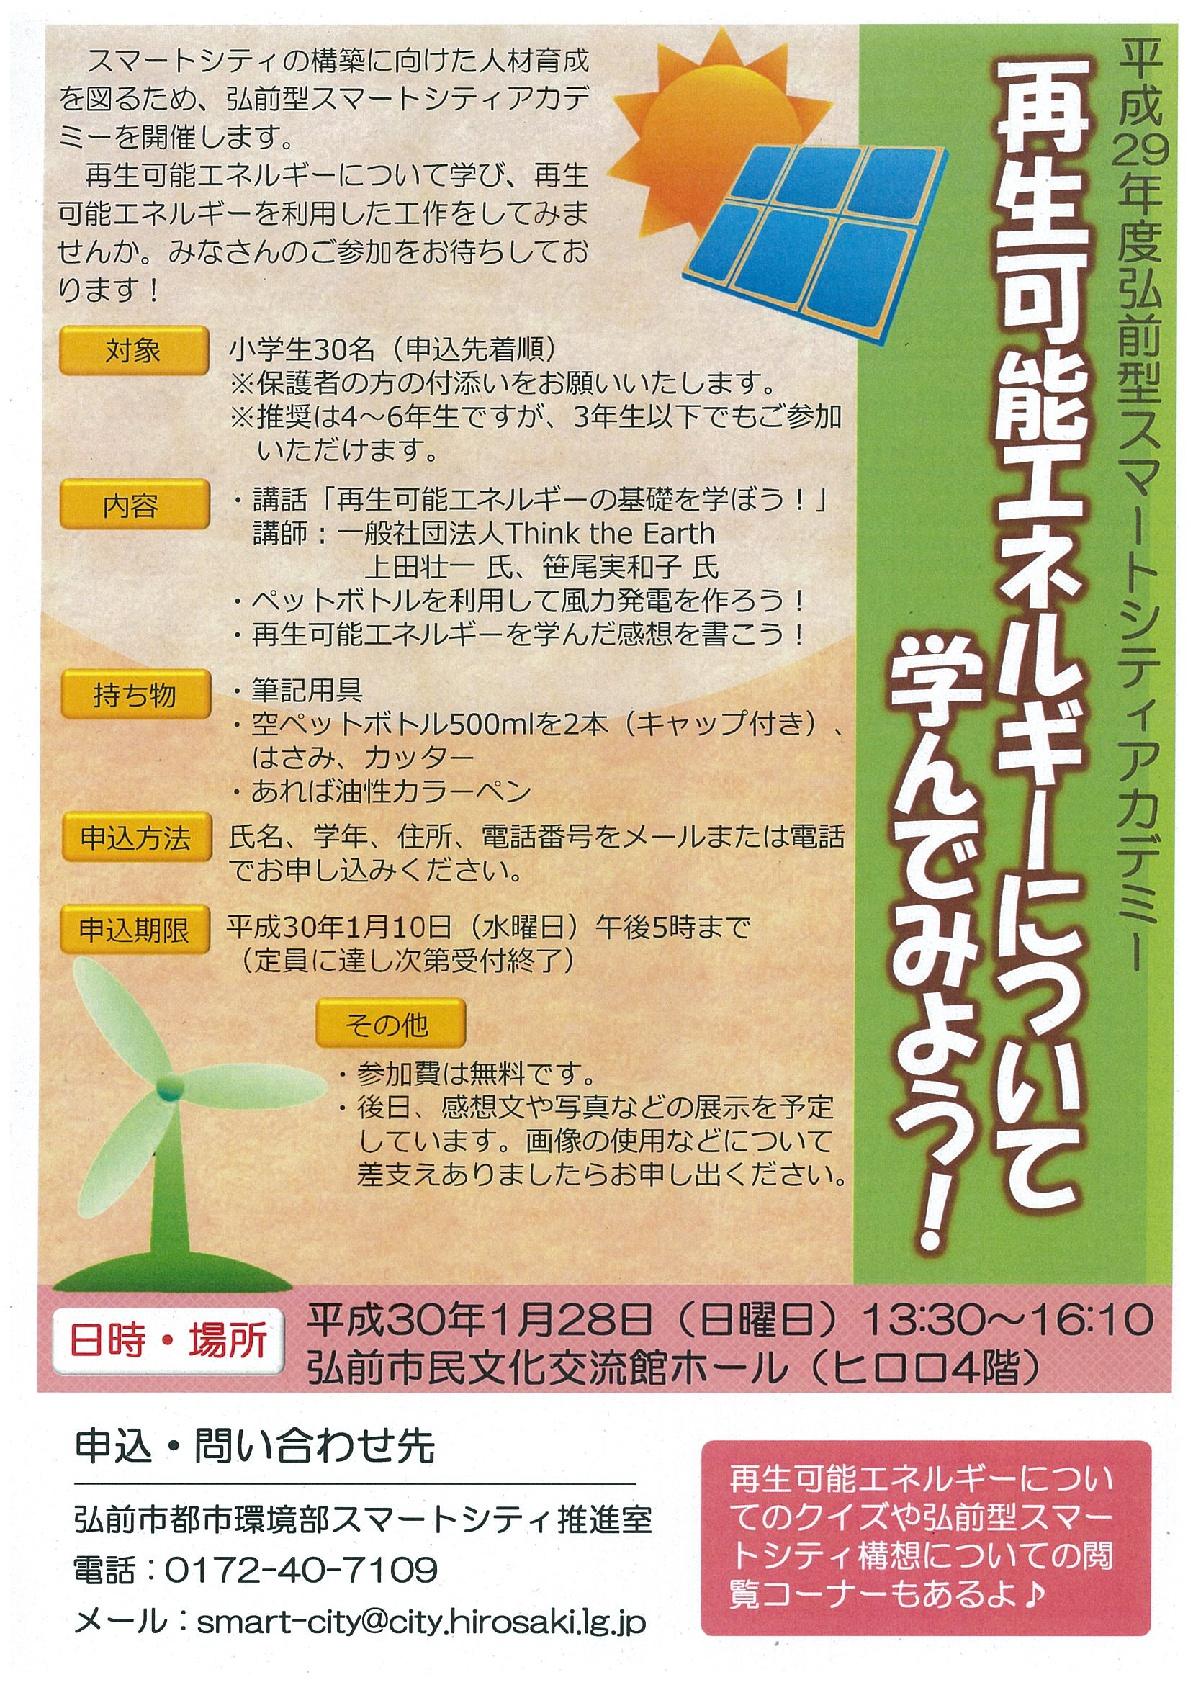 平成29年度弘前型スマートシティアカデミー 再生可能エネルギーについて学んでみよう!